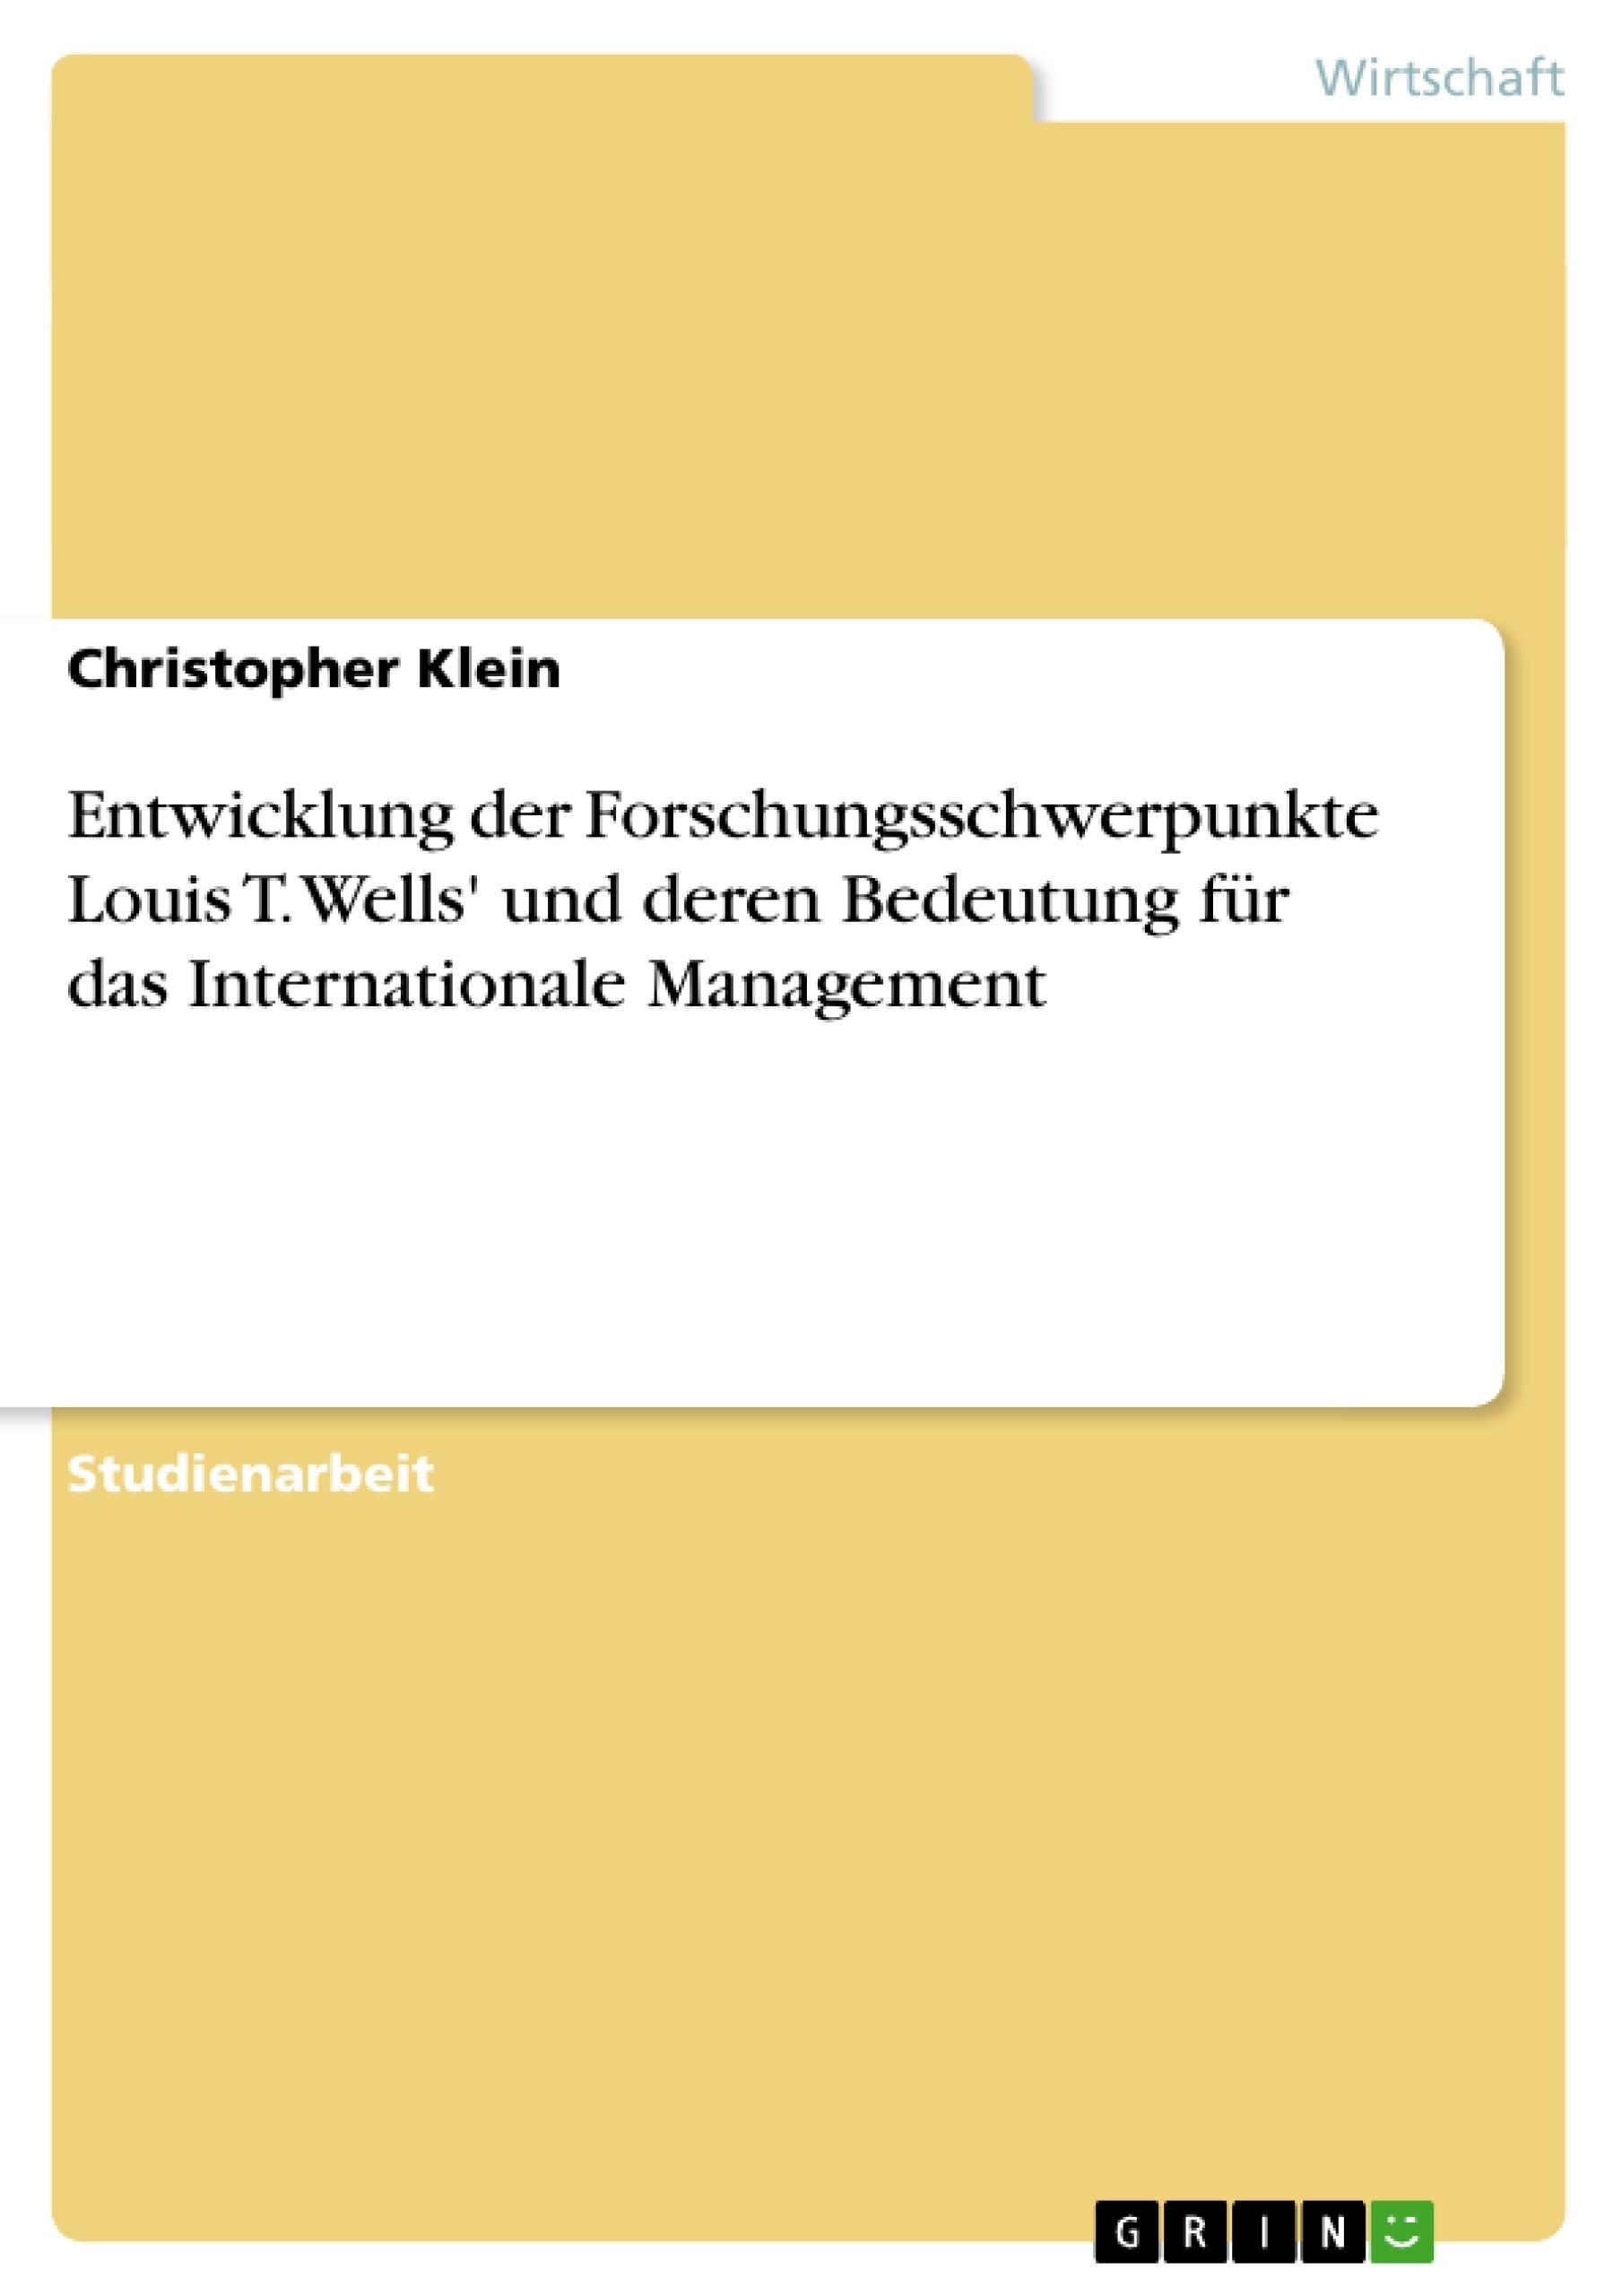 Titel: Entwicklung der Forschungsschwerpunkte Louis T. Wells' und deren Bedeutung für das Internationale Management